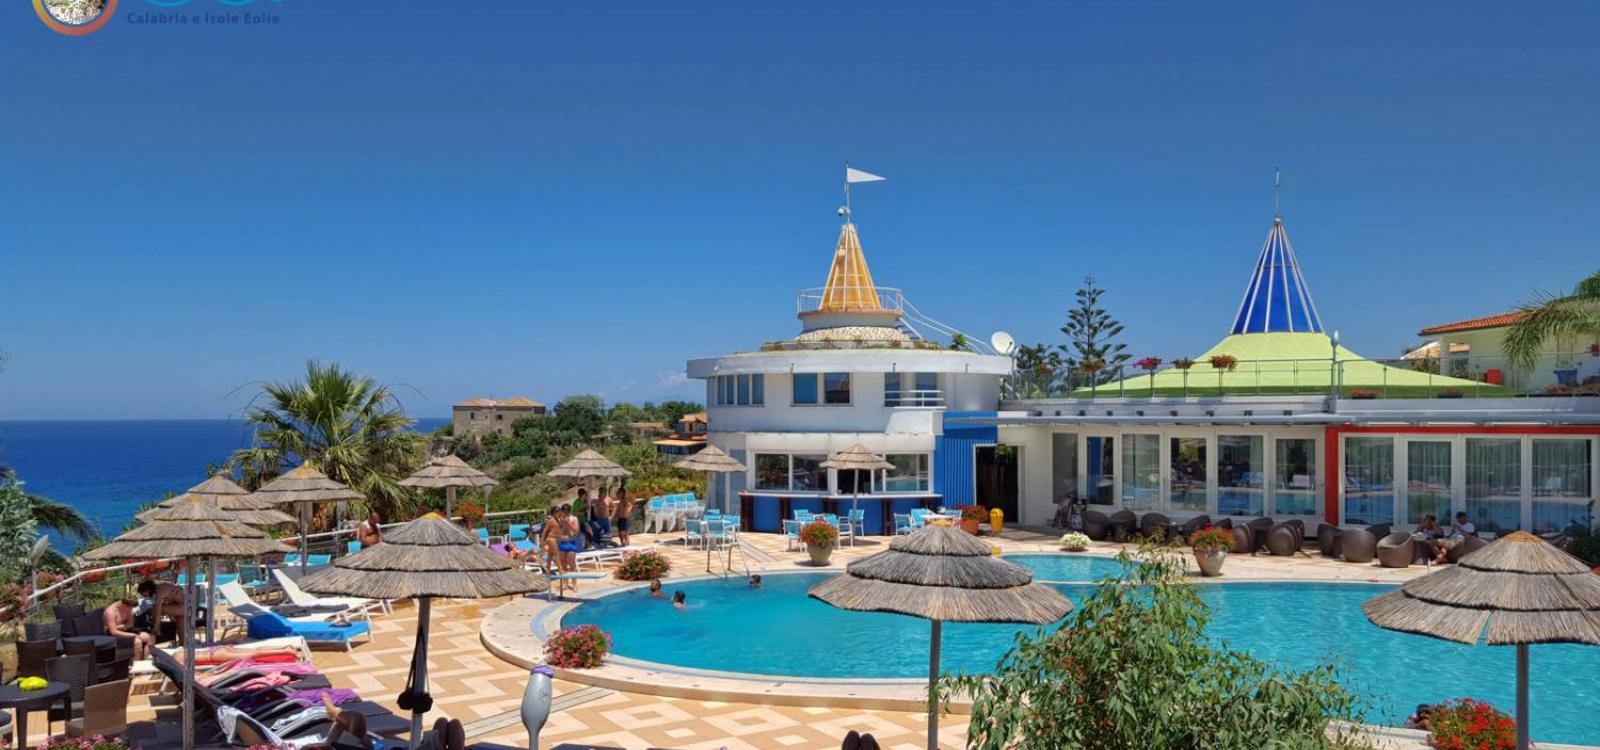 La piscina dell'hotel Stromboli